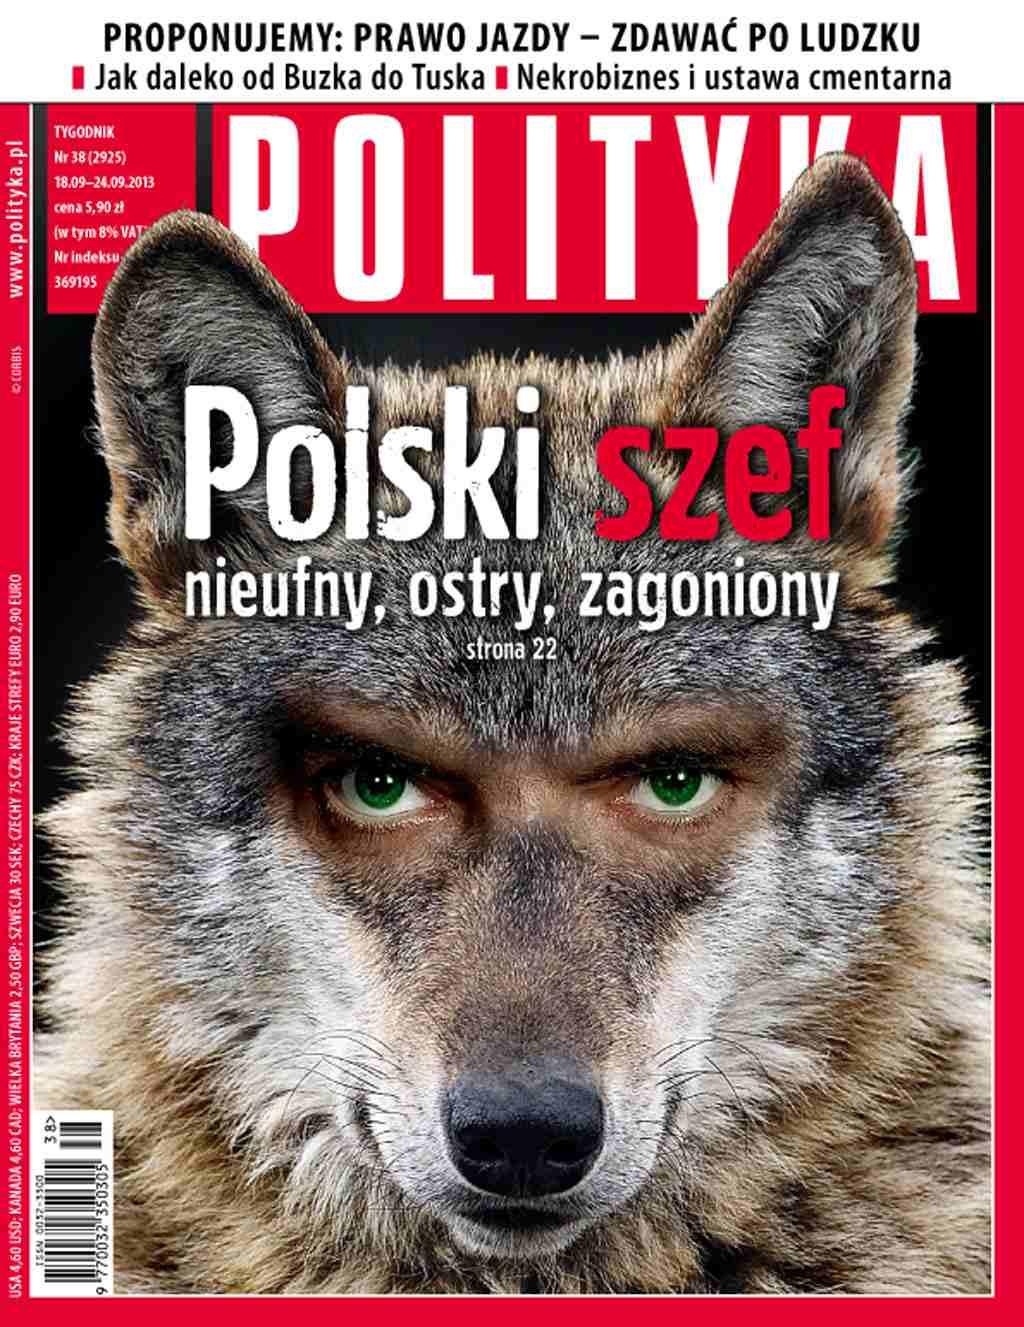 Polityka nr 38/2013 - Ebook (Książka PDF) do pobrania w formacie PDF